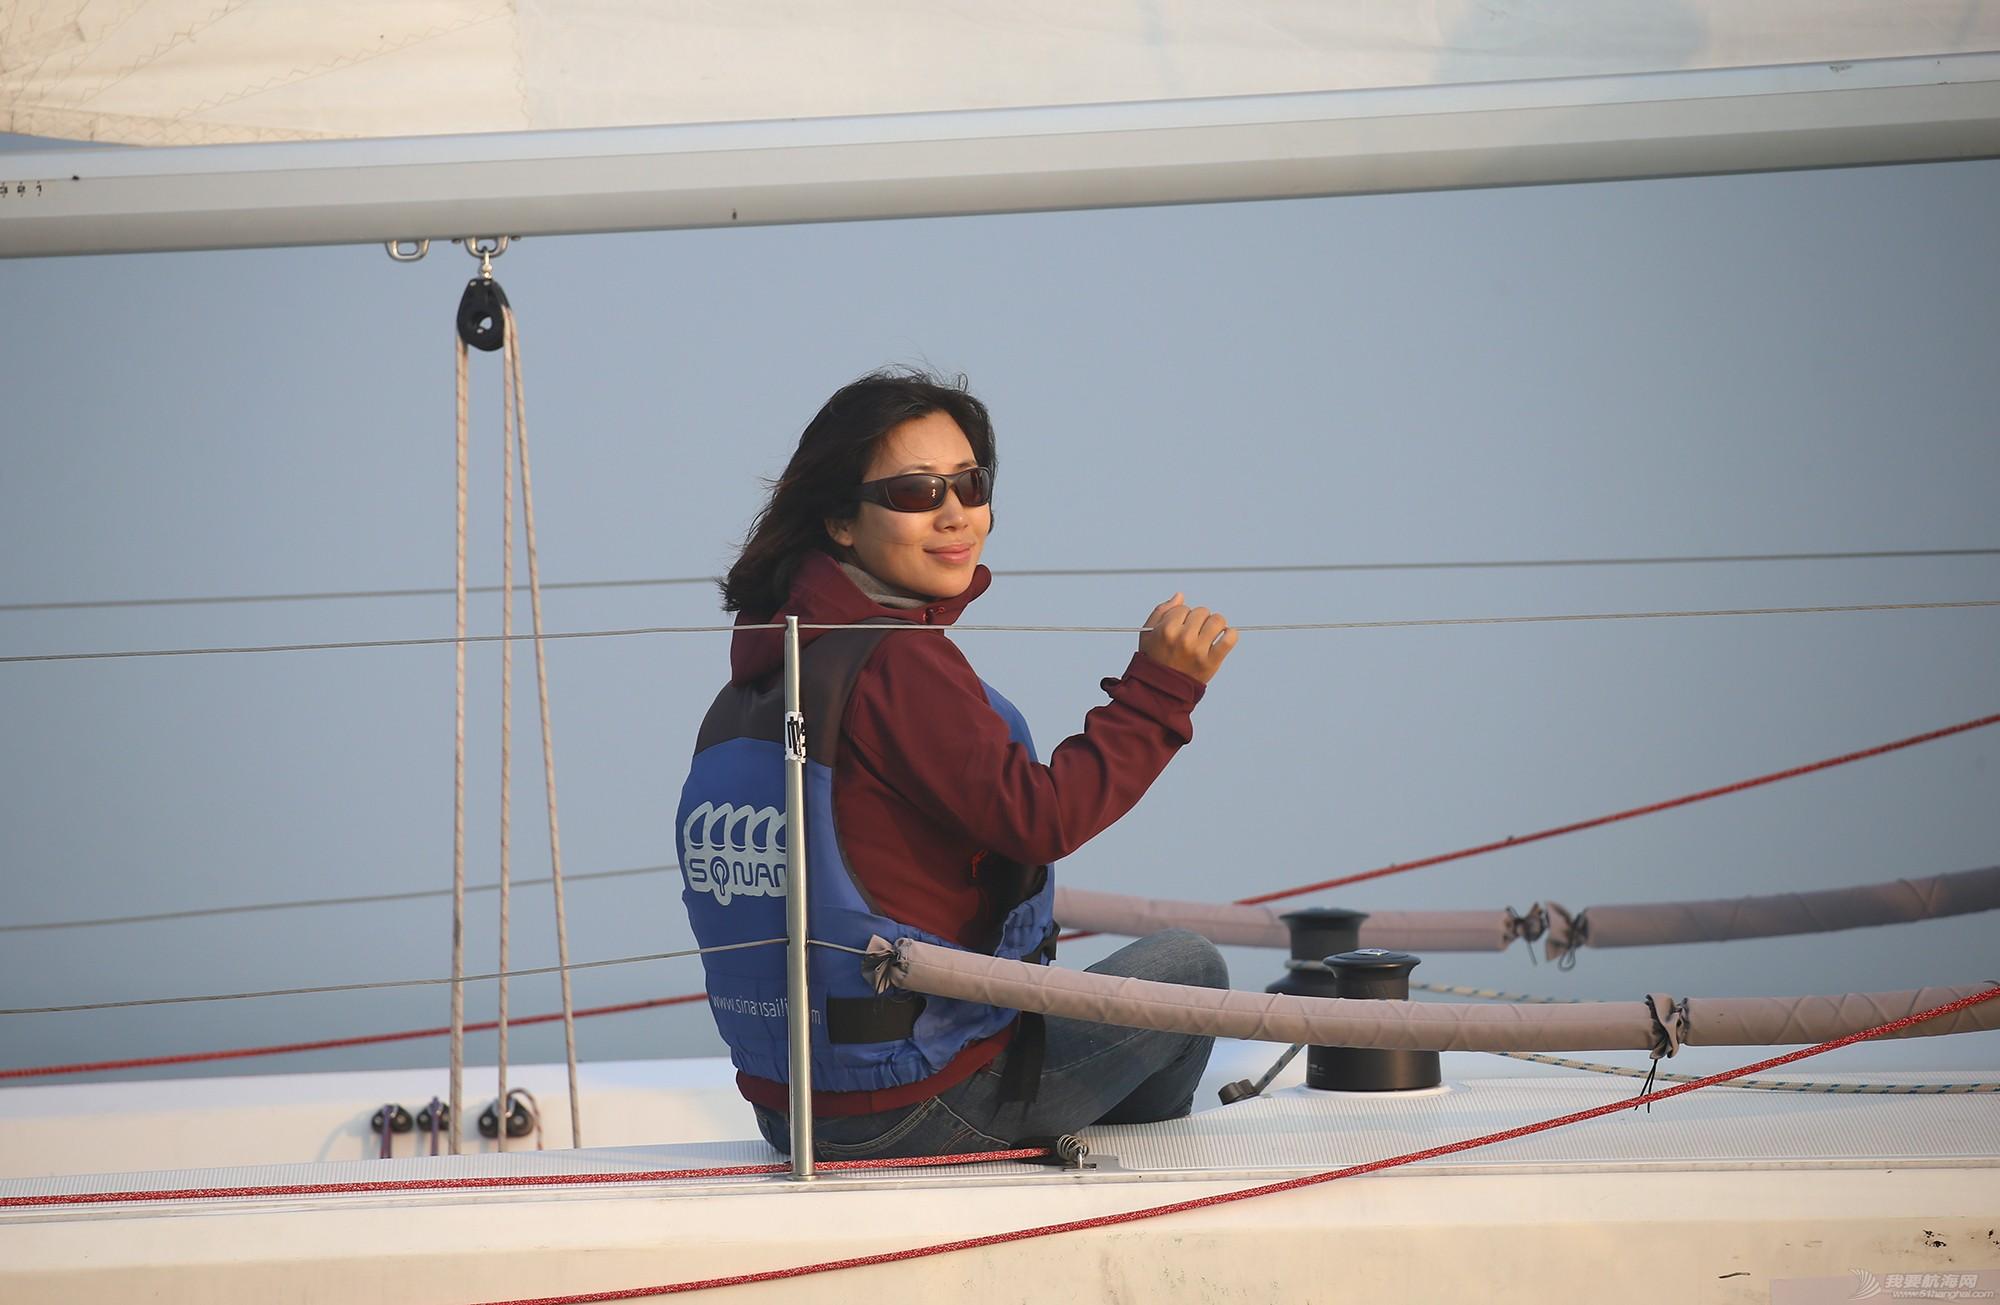 """拉力赛,帆船,太湖 2016""""菱湖湾杯""""环太湖帆船拉力赛参赛船队、船员风采 E78W2750.JPG"""